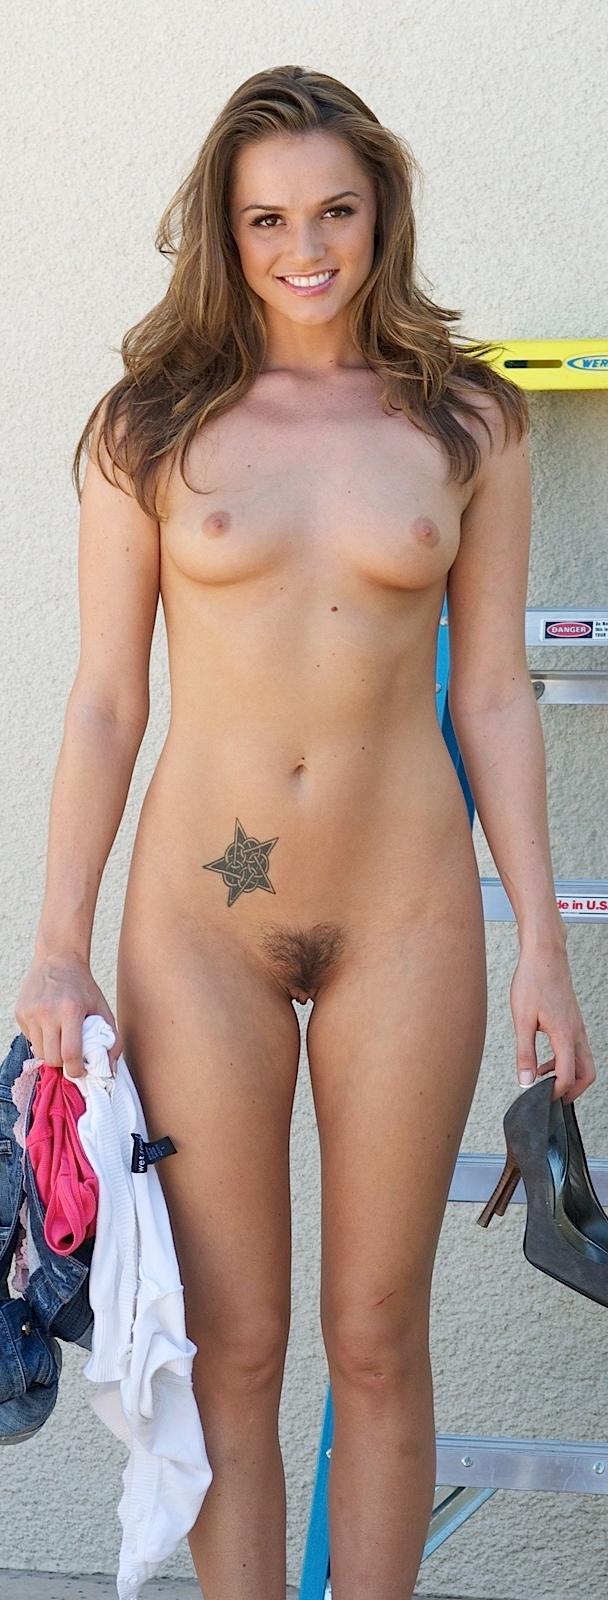 PrettyGirl2014-06-11a